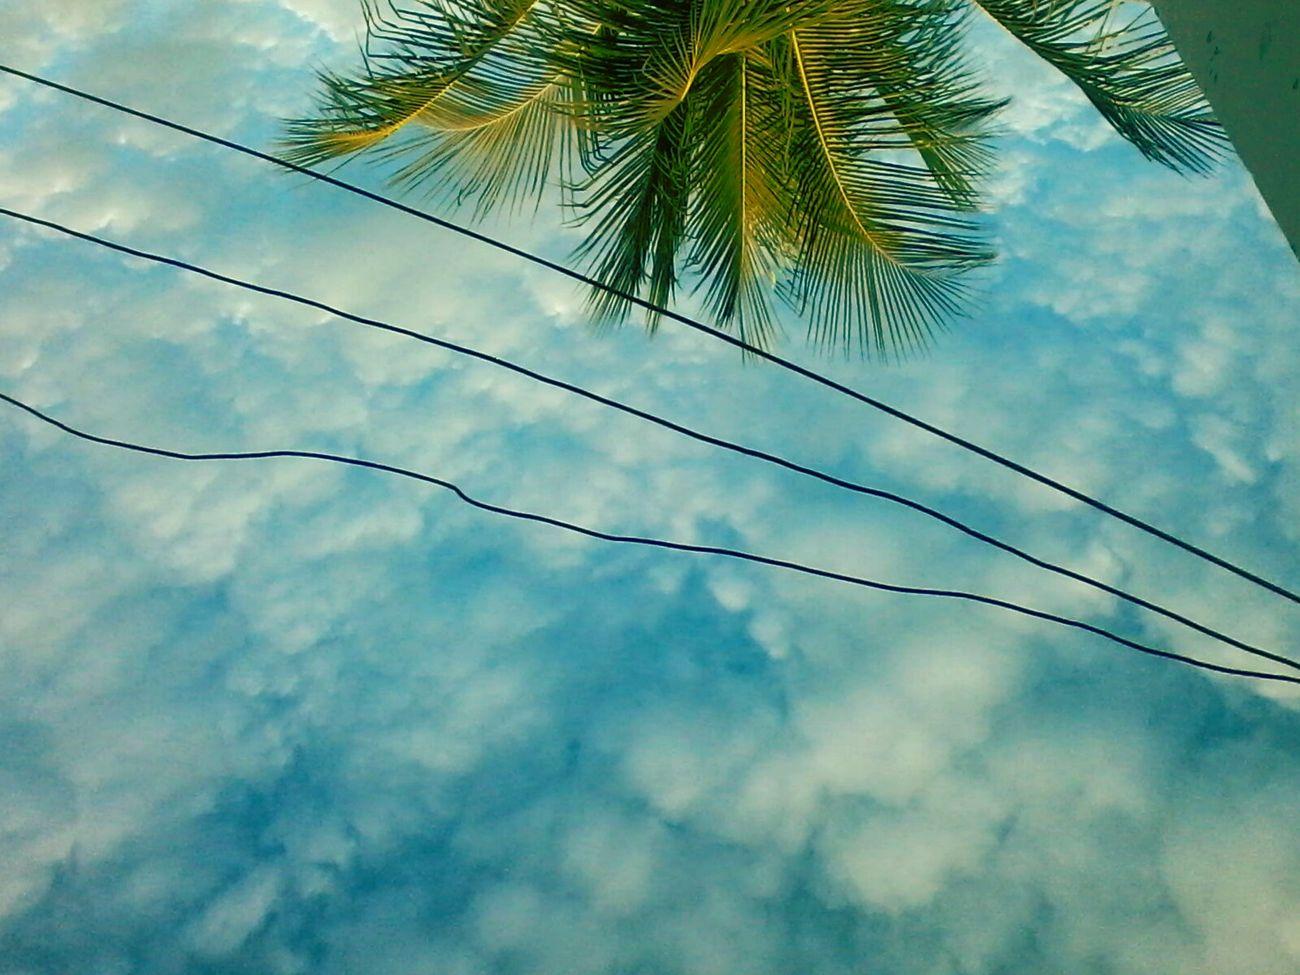 Ceu Nublado Skylovers CeuPerfeito Ceumaravilhoso Skyscrapers Sky And Trees CeuAzul Skyline Ceu Liindo! Ceudays Sky Collection